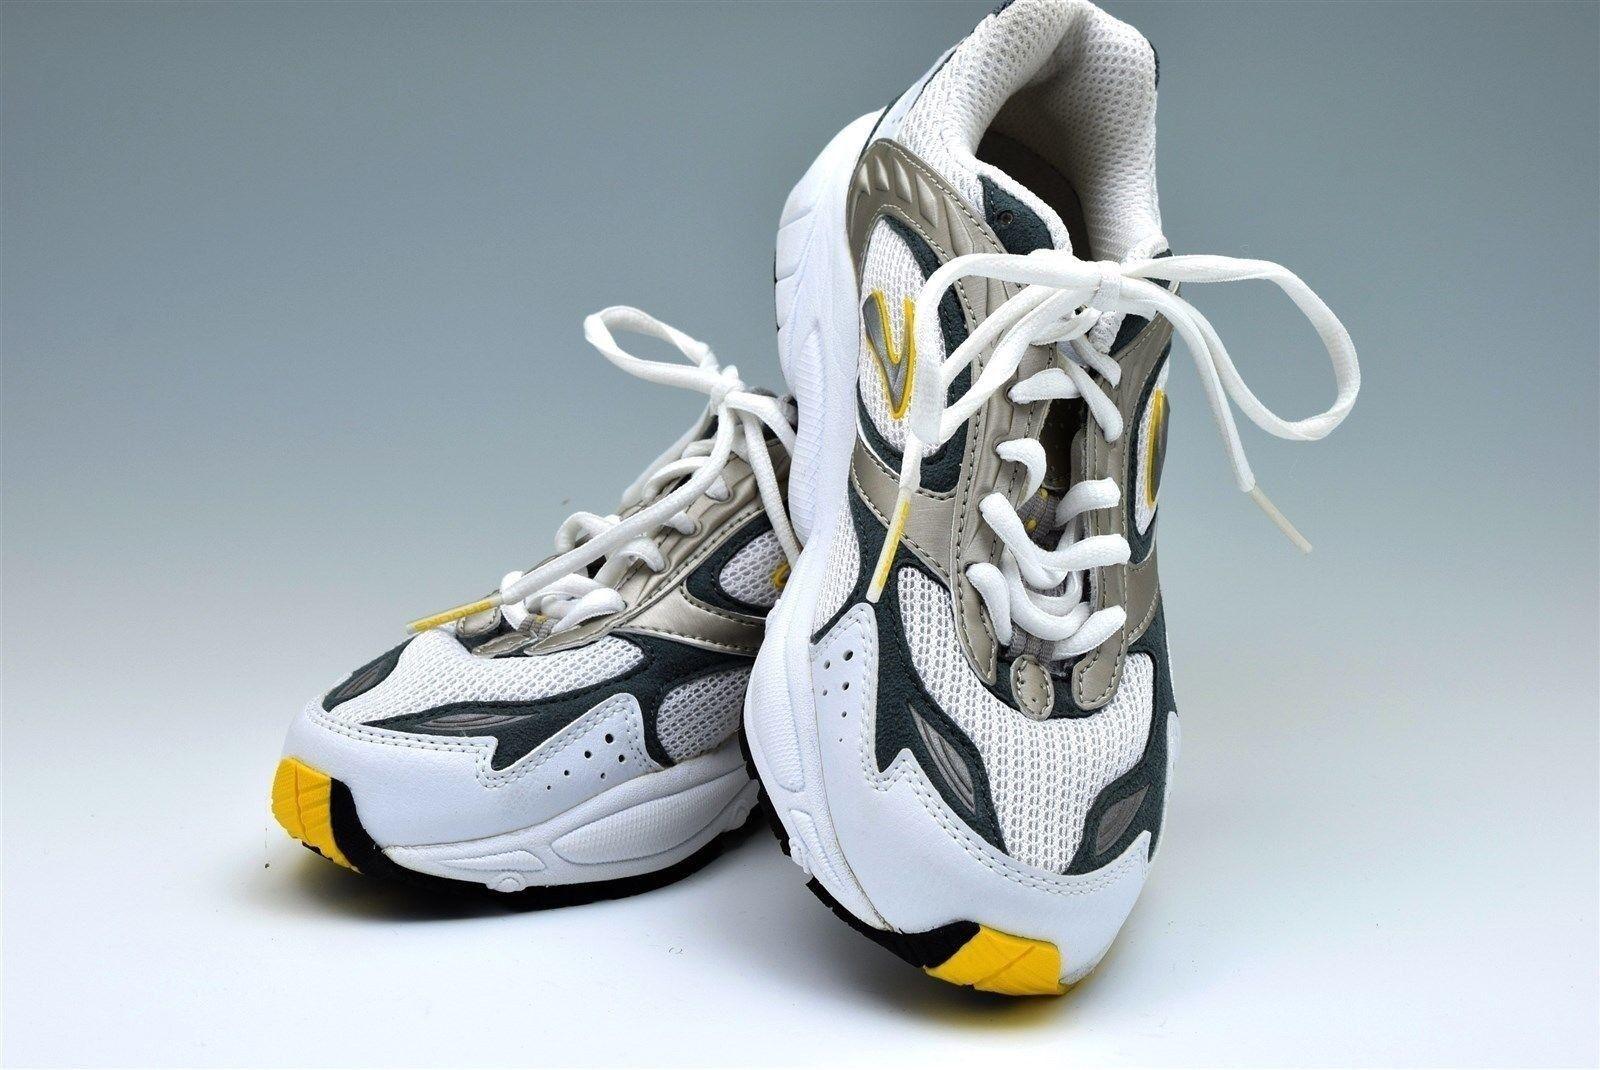 donna Brooks Running scarpe Dyad 3  Dimensione 6.5 B Nuovo in scatola  spedizione e scambi gratuiti.